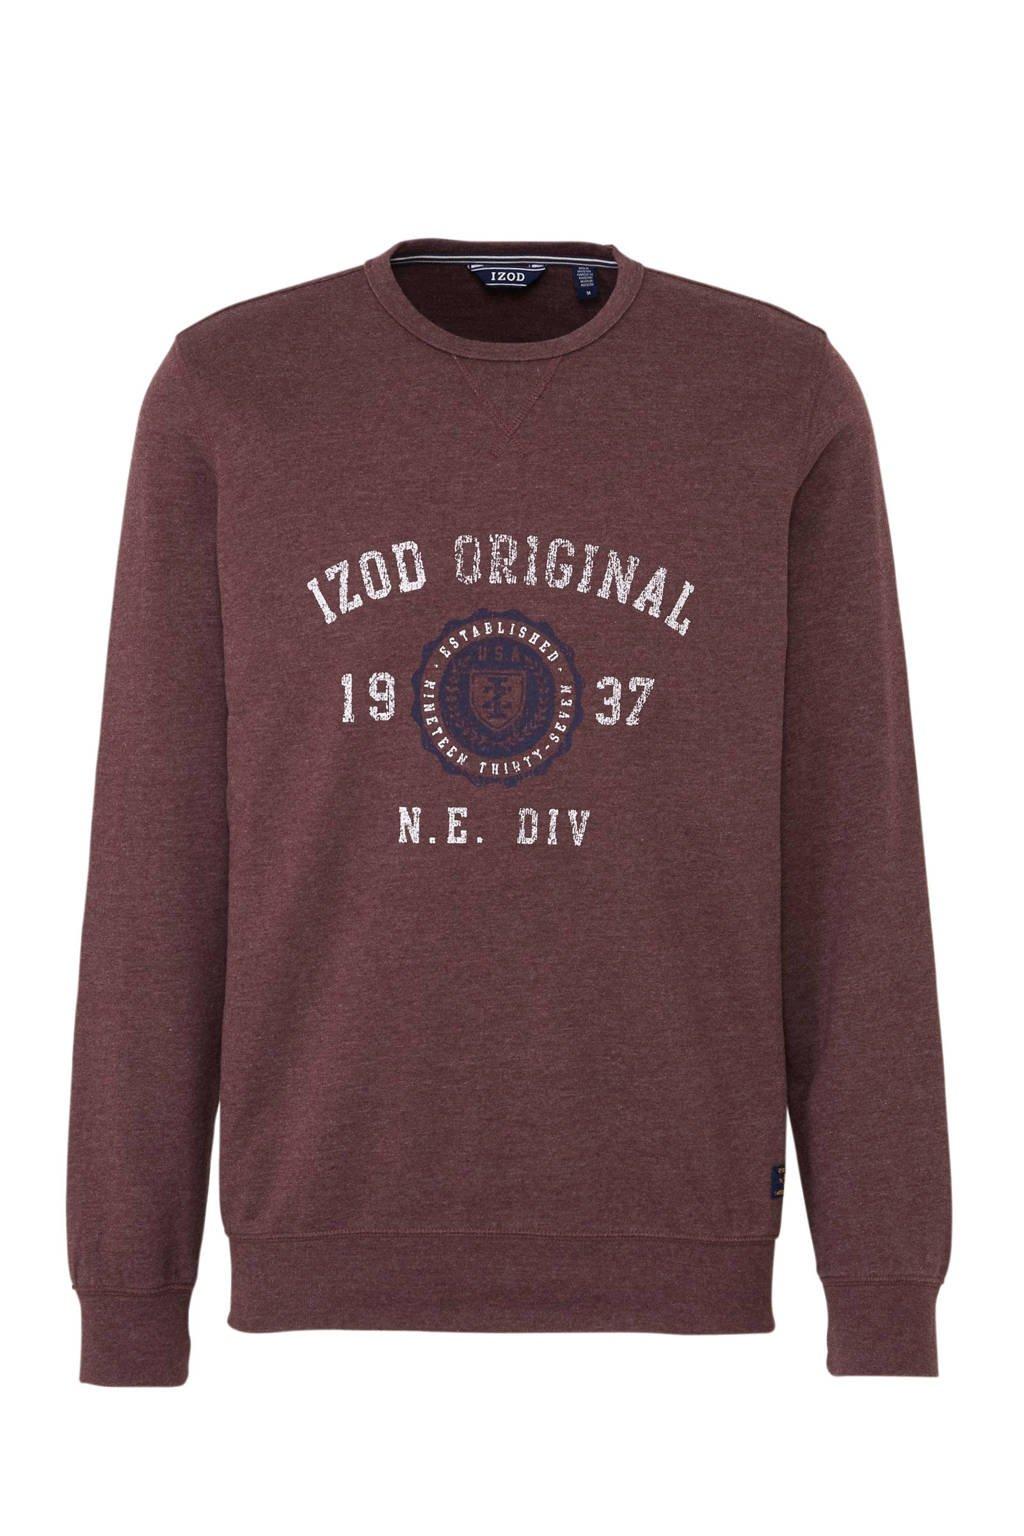 IZOD sweater met printopdruk donkerrood, Donkerrood